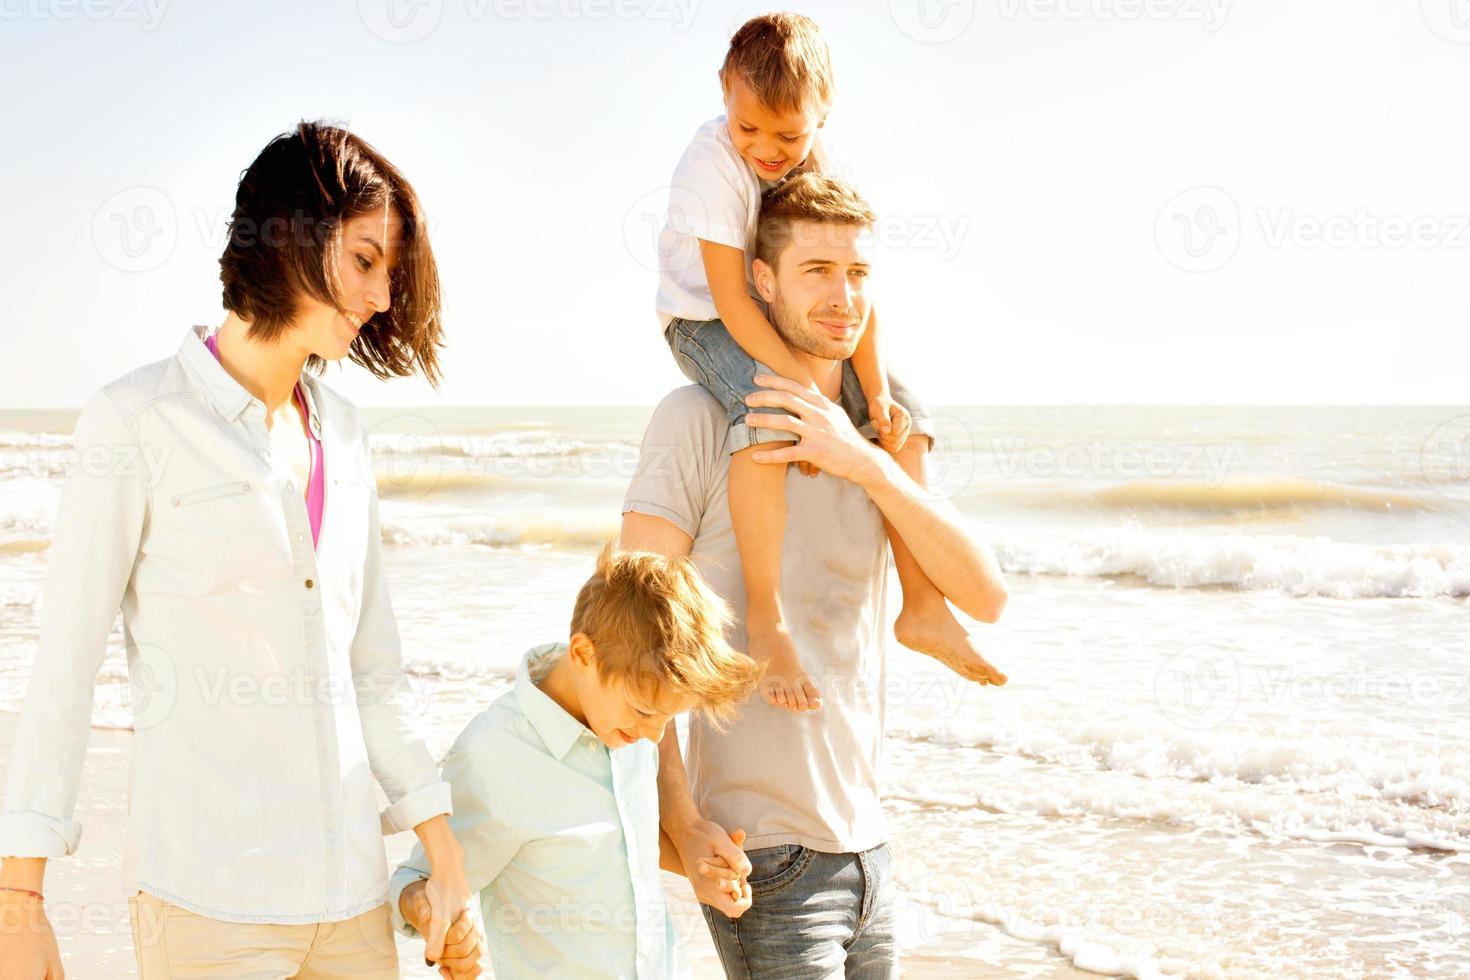 famille aimait marcher sur la plage à la mer photo